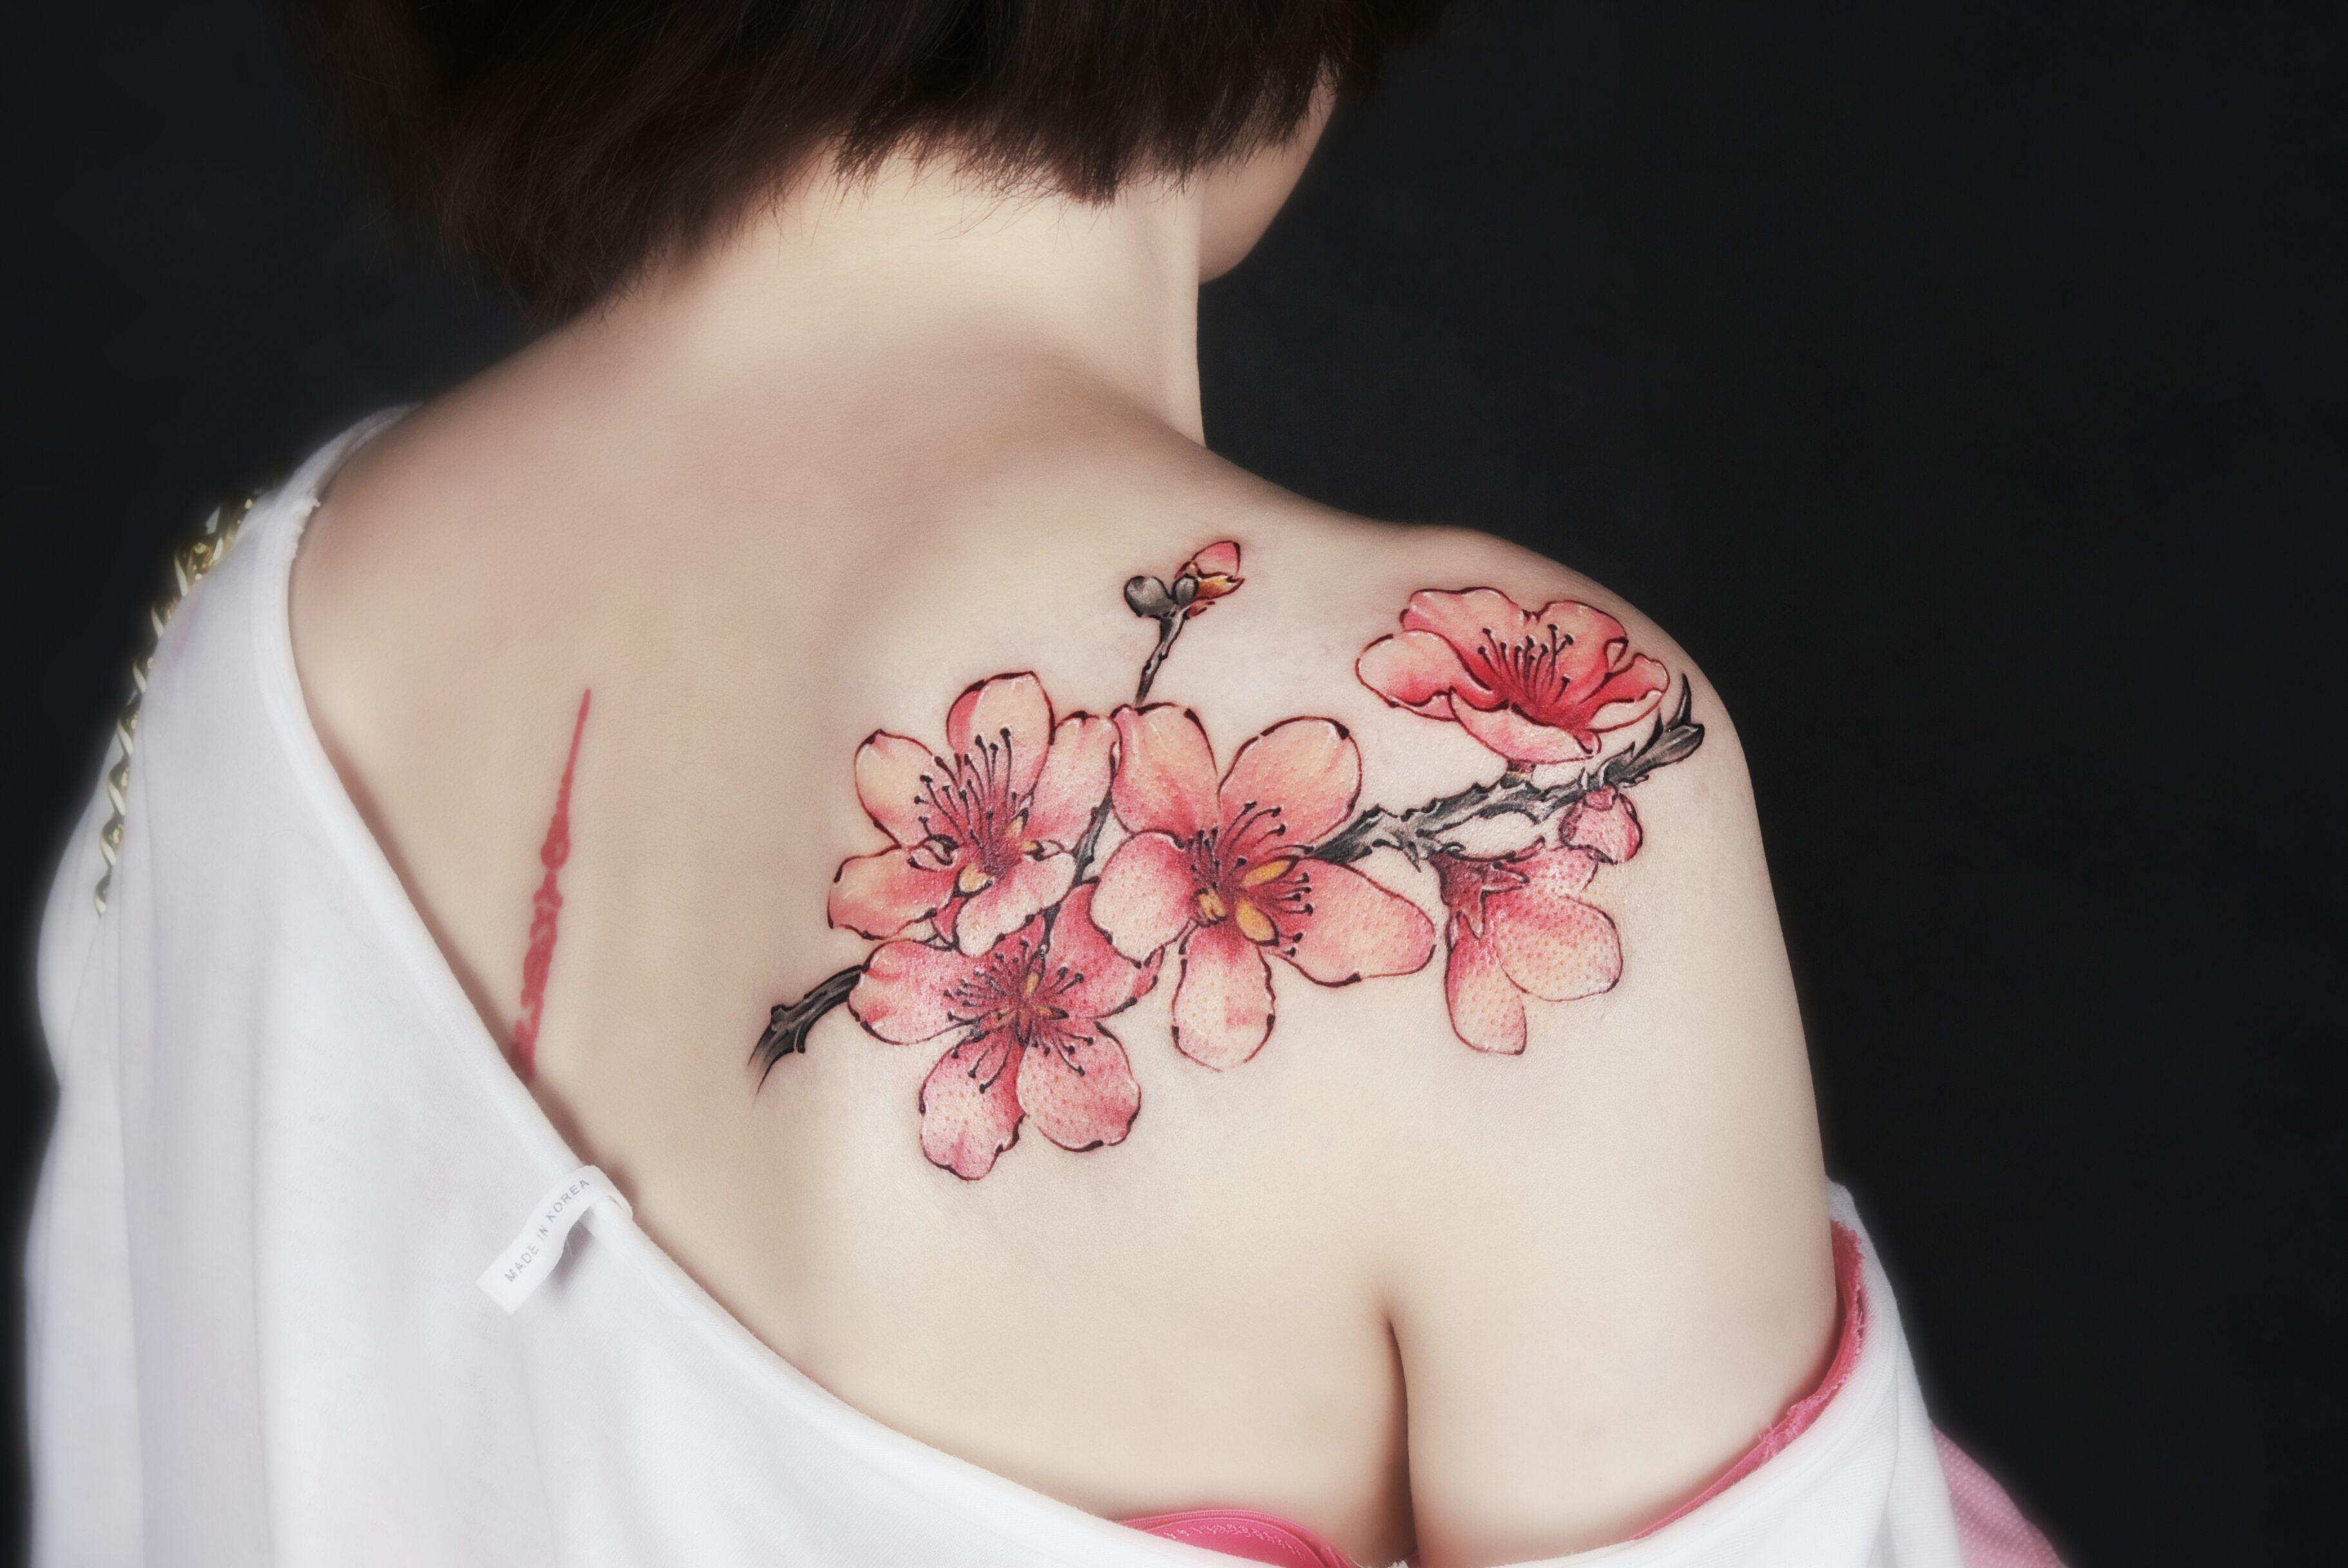 樱花花瓣圆润、花色大多是浪漫的粉色系, 尤其在初春盛开时,一片片樱花林总能带给人幽香艳丽的视觉享受, 且樱花花期非常短暂,甚至一场雨后,花瓣就会随风凋零, 因此樱花也被人们赋予了热烈、纯洁、高尚的美好品质。 我们天津的美女董小姐,正是被樱花的浪漫艳丽, 以及热烈、高尚的品质所吸引, 因此特别将樱花用纹身的方式,呈现在自己皮肤上。 且董小姐的这个纹身图案,我们纹身师在设计时, 将含苞待放的花骨朵以及已经完美盛开的樱花, 同时呈现在黑色的枝桠上, 更衬托出了初樱的明动艳丽。